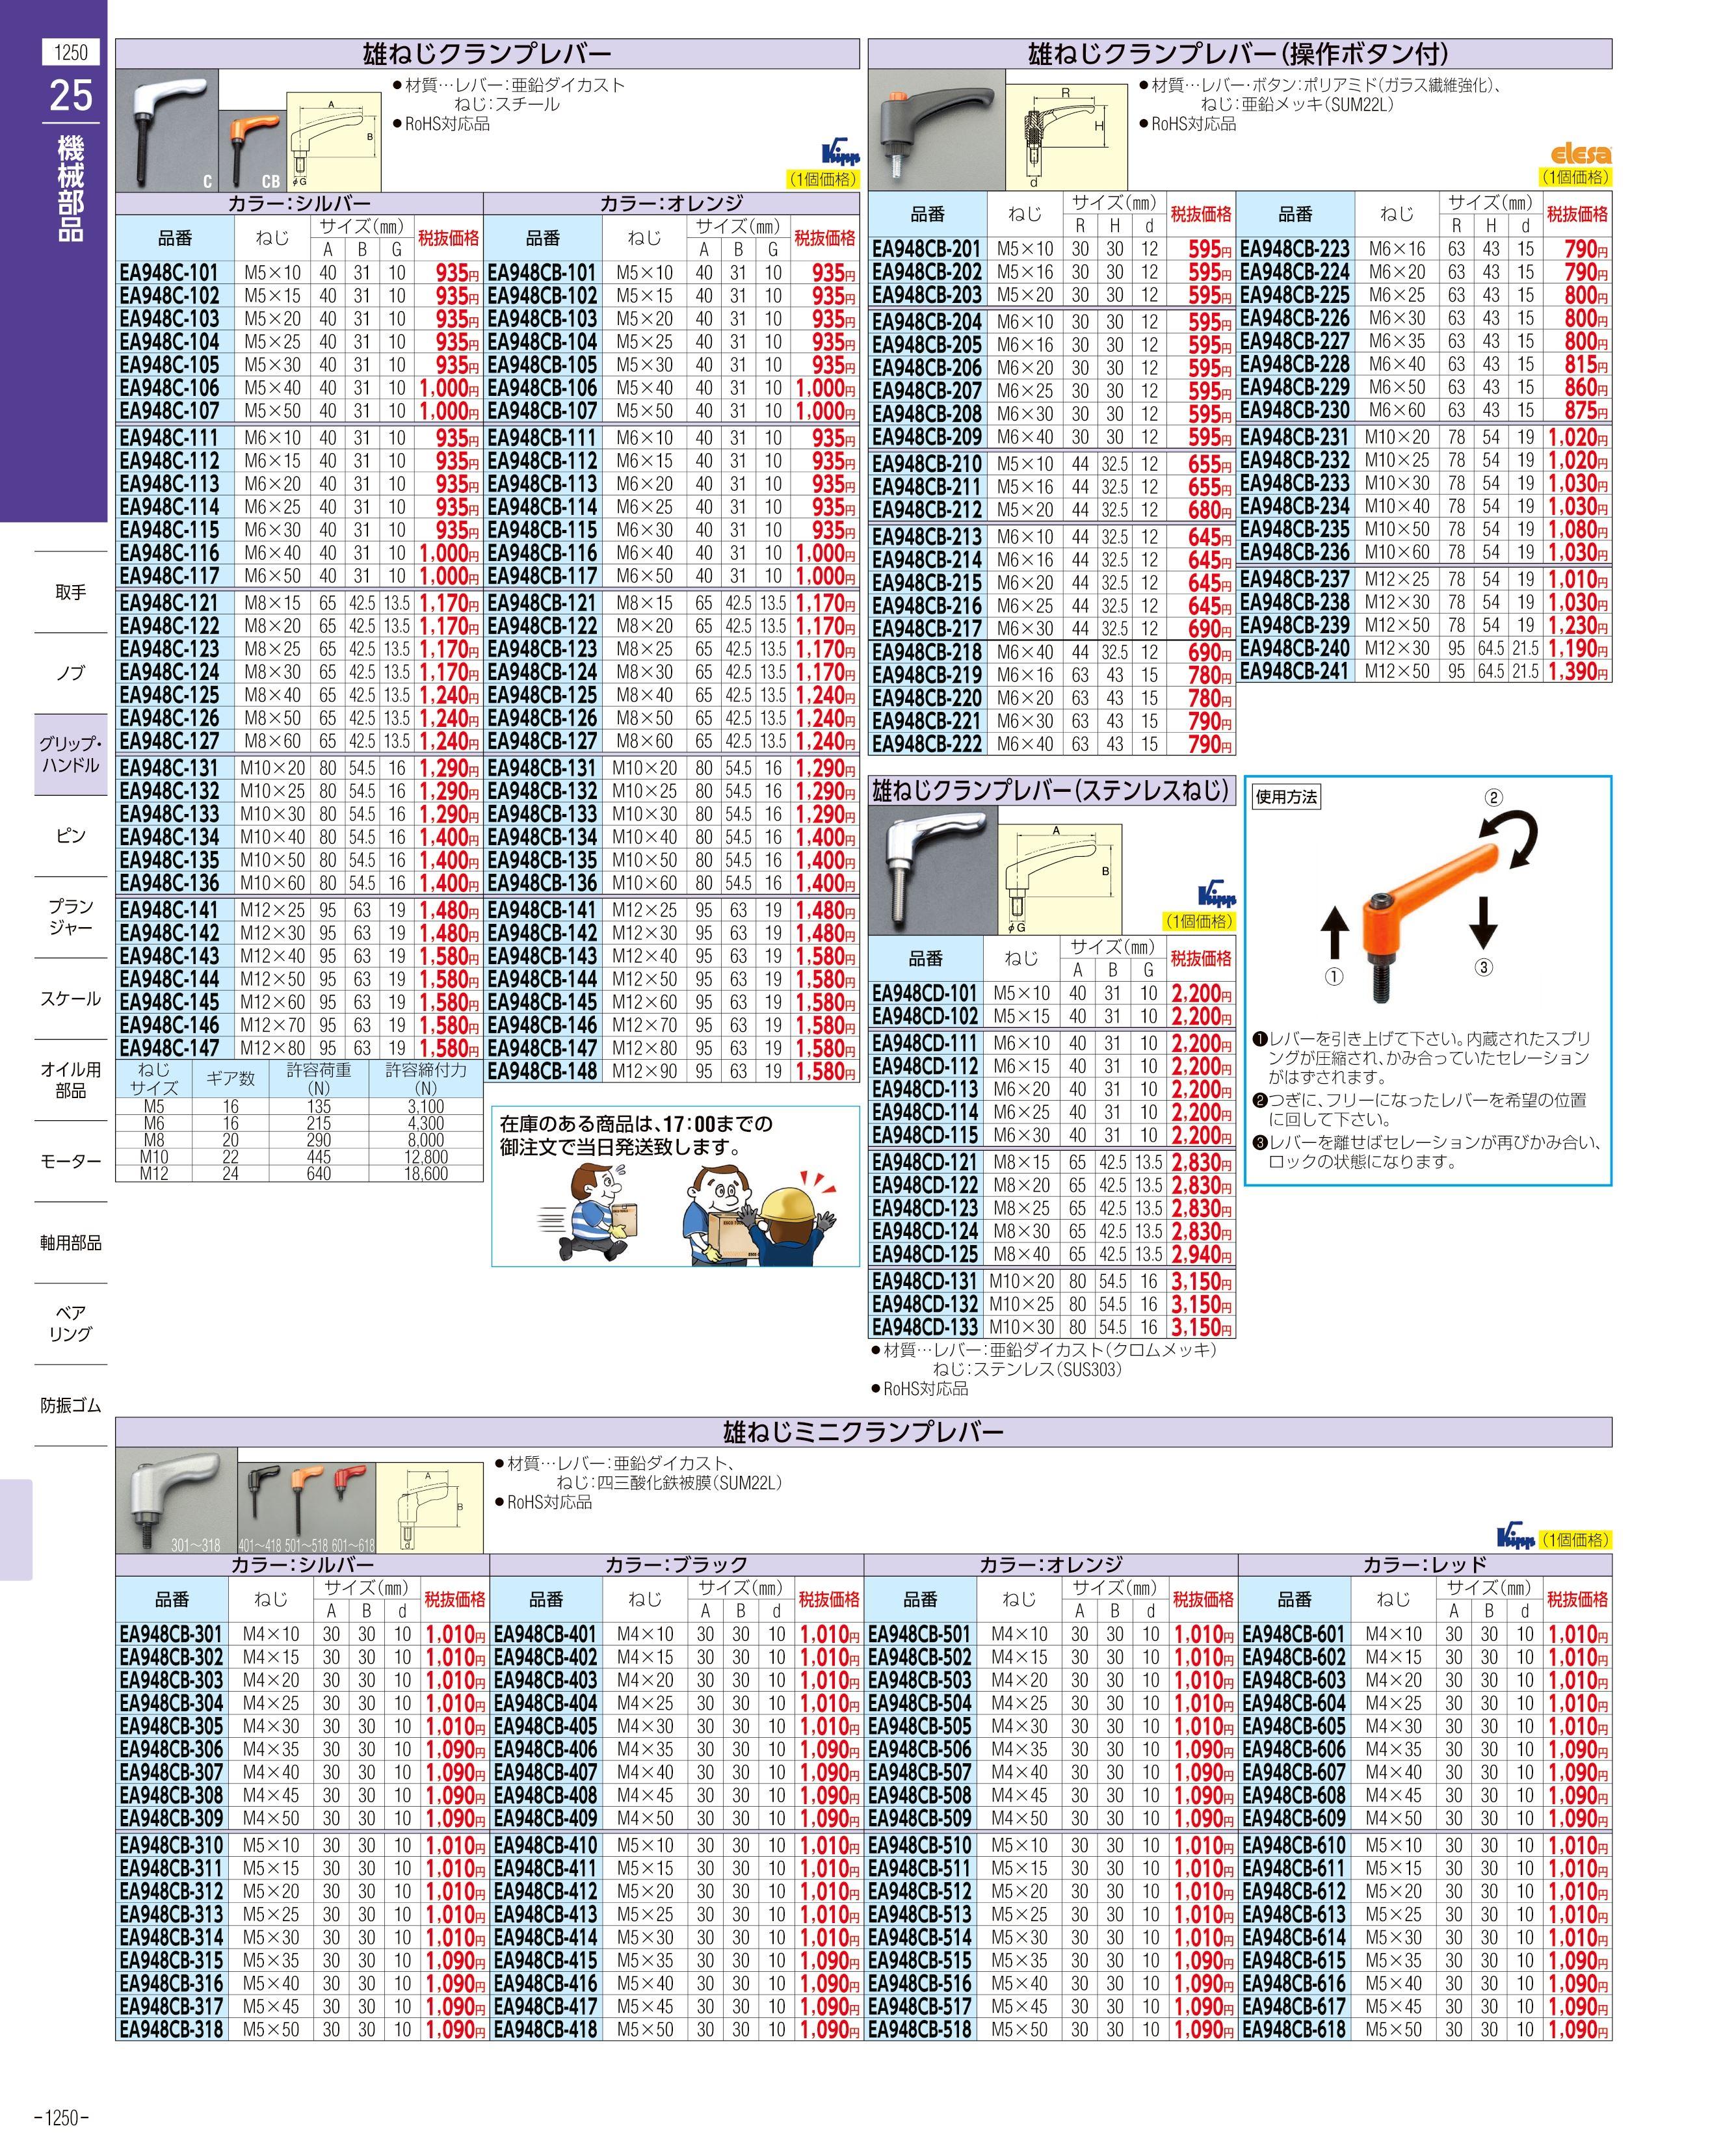 エスコ便利カタログ1250ページ